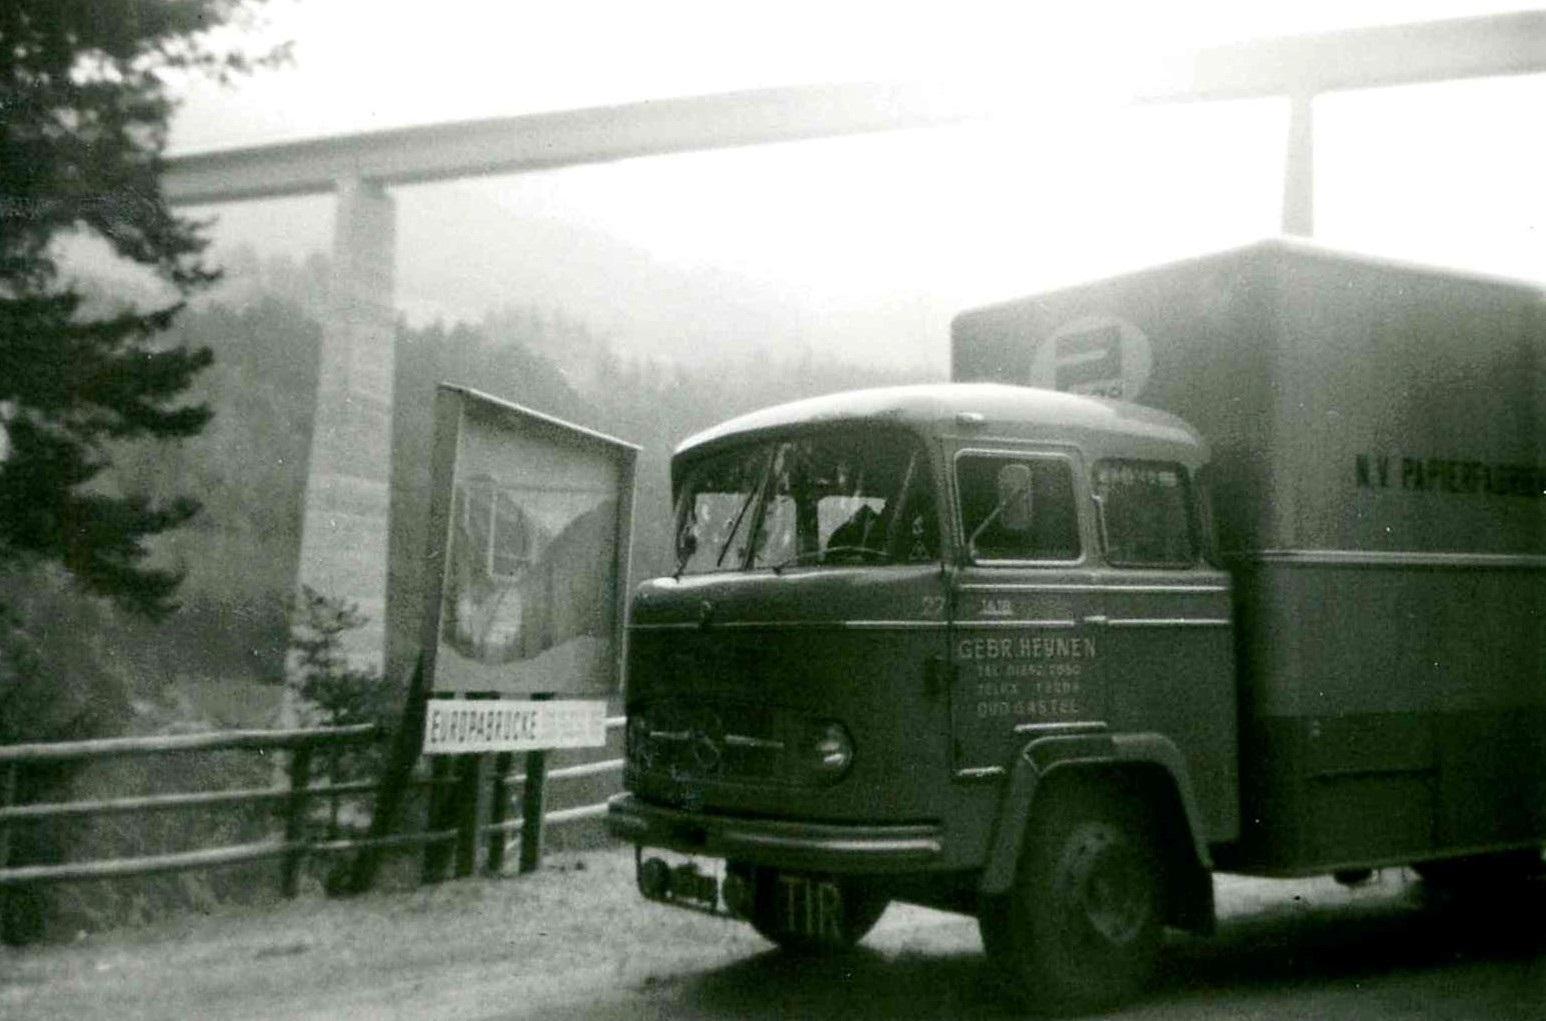 chauffeur-jan-van-hoof--op-weg-naar-italie-nog-over-de-oude-weg--heynen-transport-roosendaal-1965-2